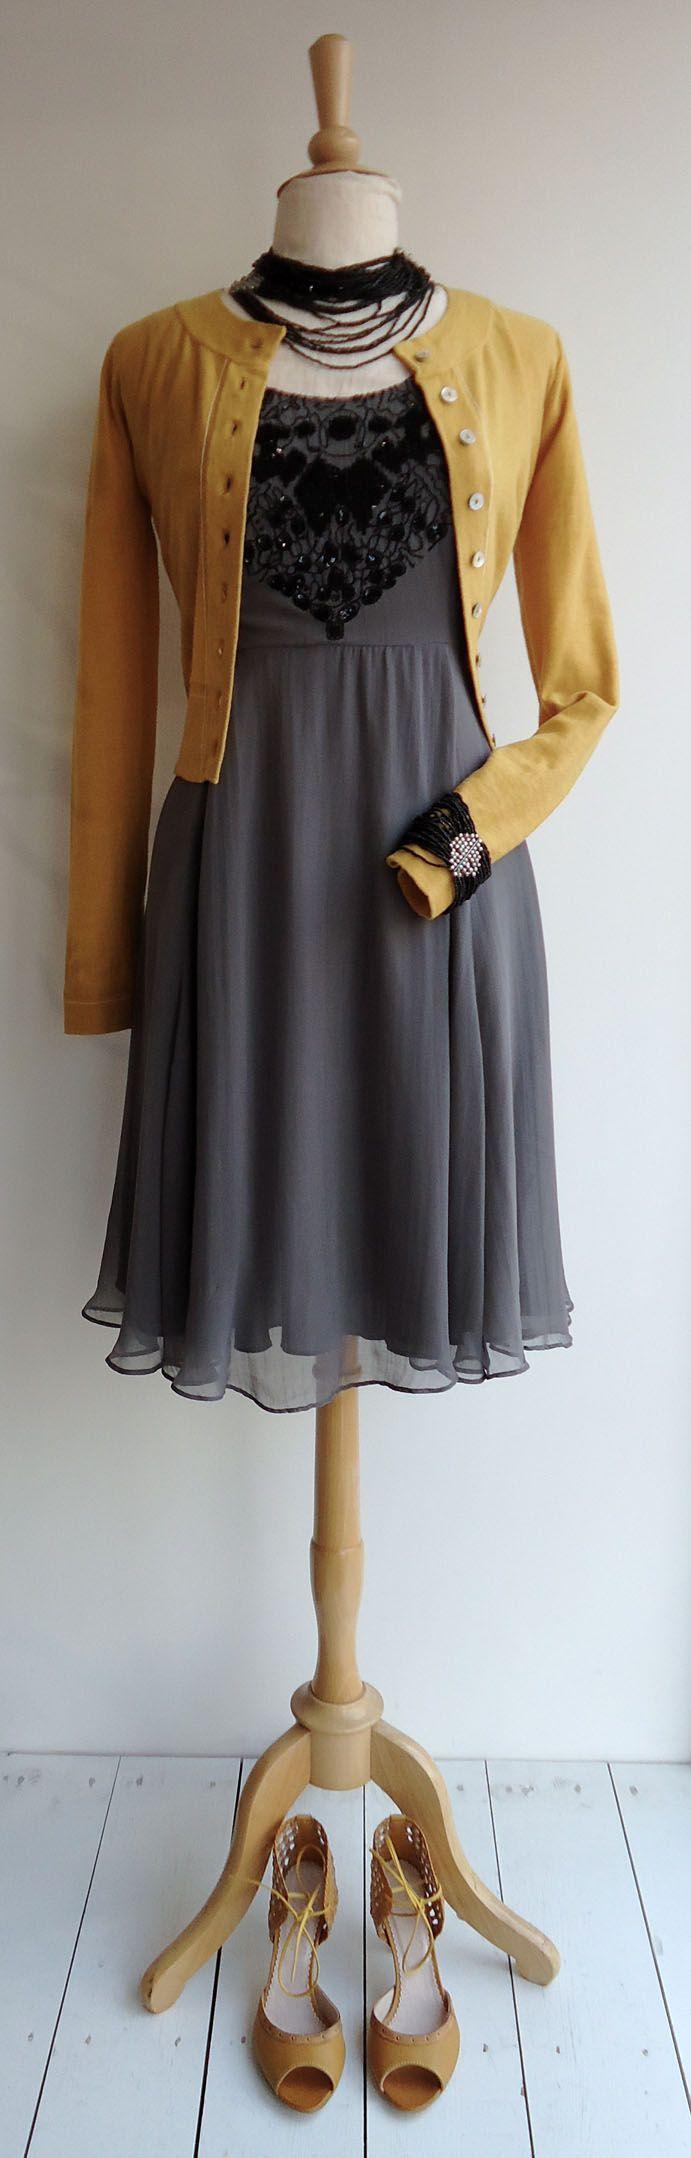 best fashion likes images on pinterest short skirts cardigans